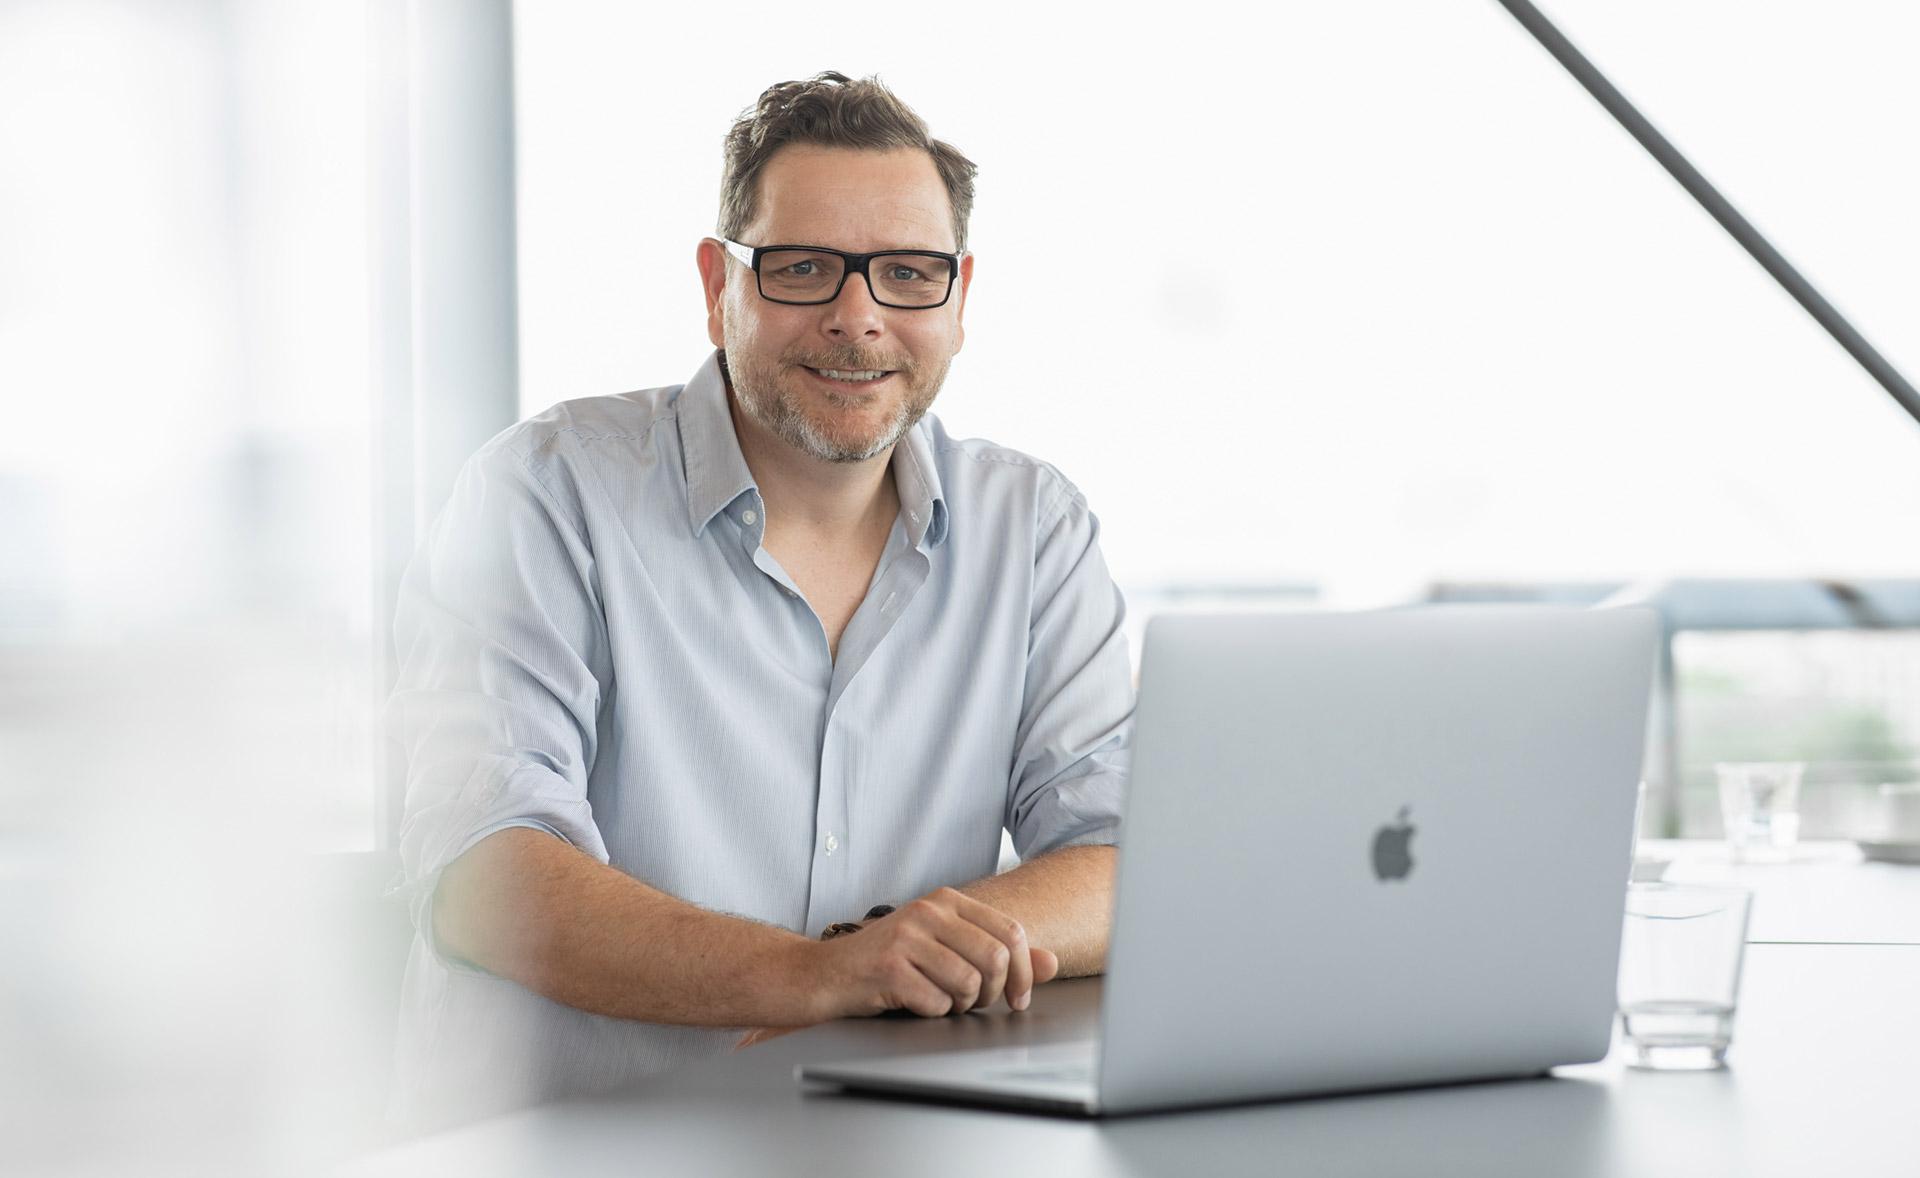 Berg Media® - Digitalagentur Bremen, Magento 1 / Magento 2 / Typo3, Webhosting und Design